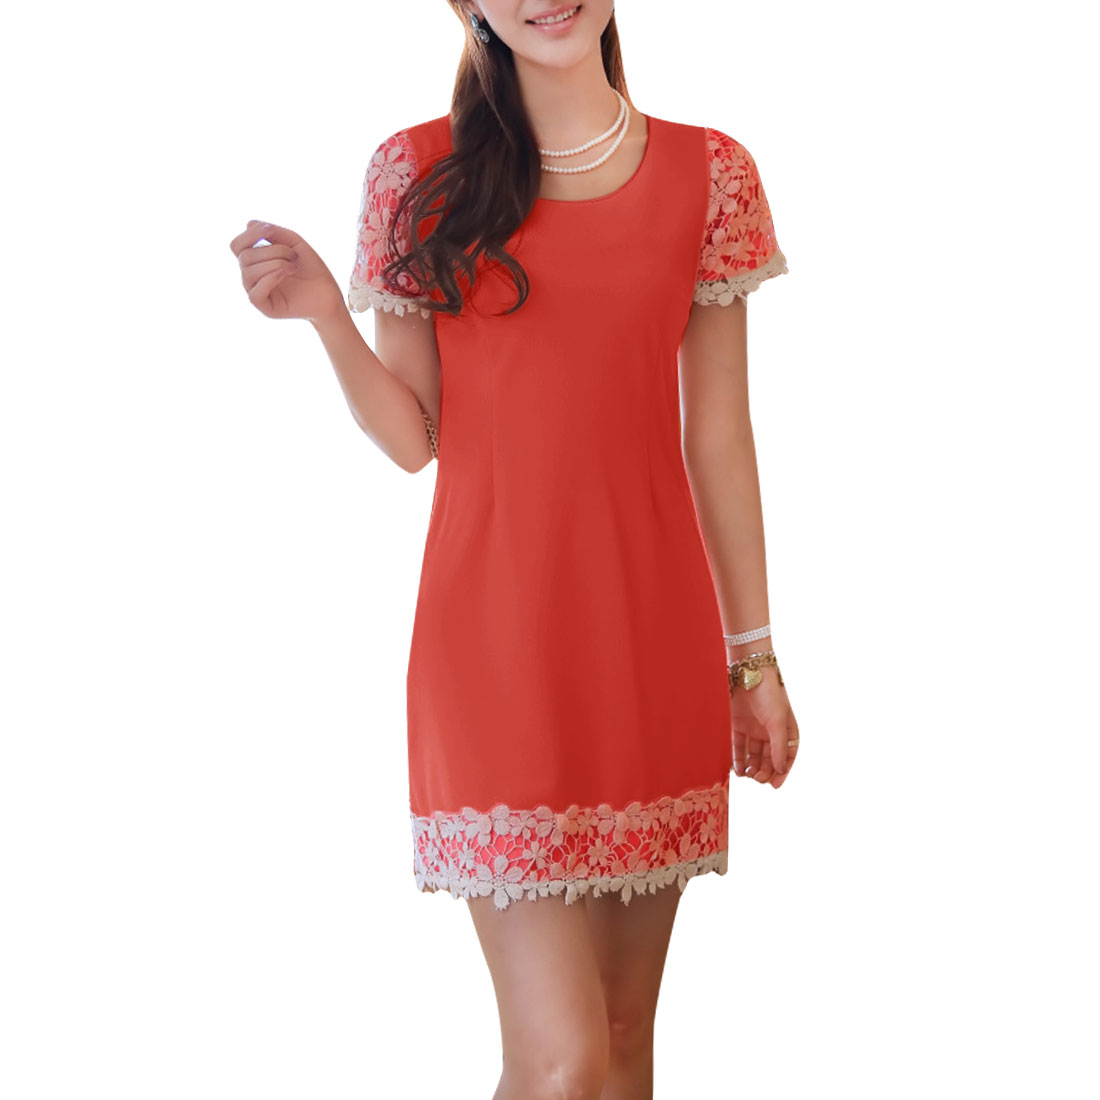 Women Zipper Up Side Splice Crochet Decor Tea Dress Watermelon Red S